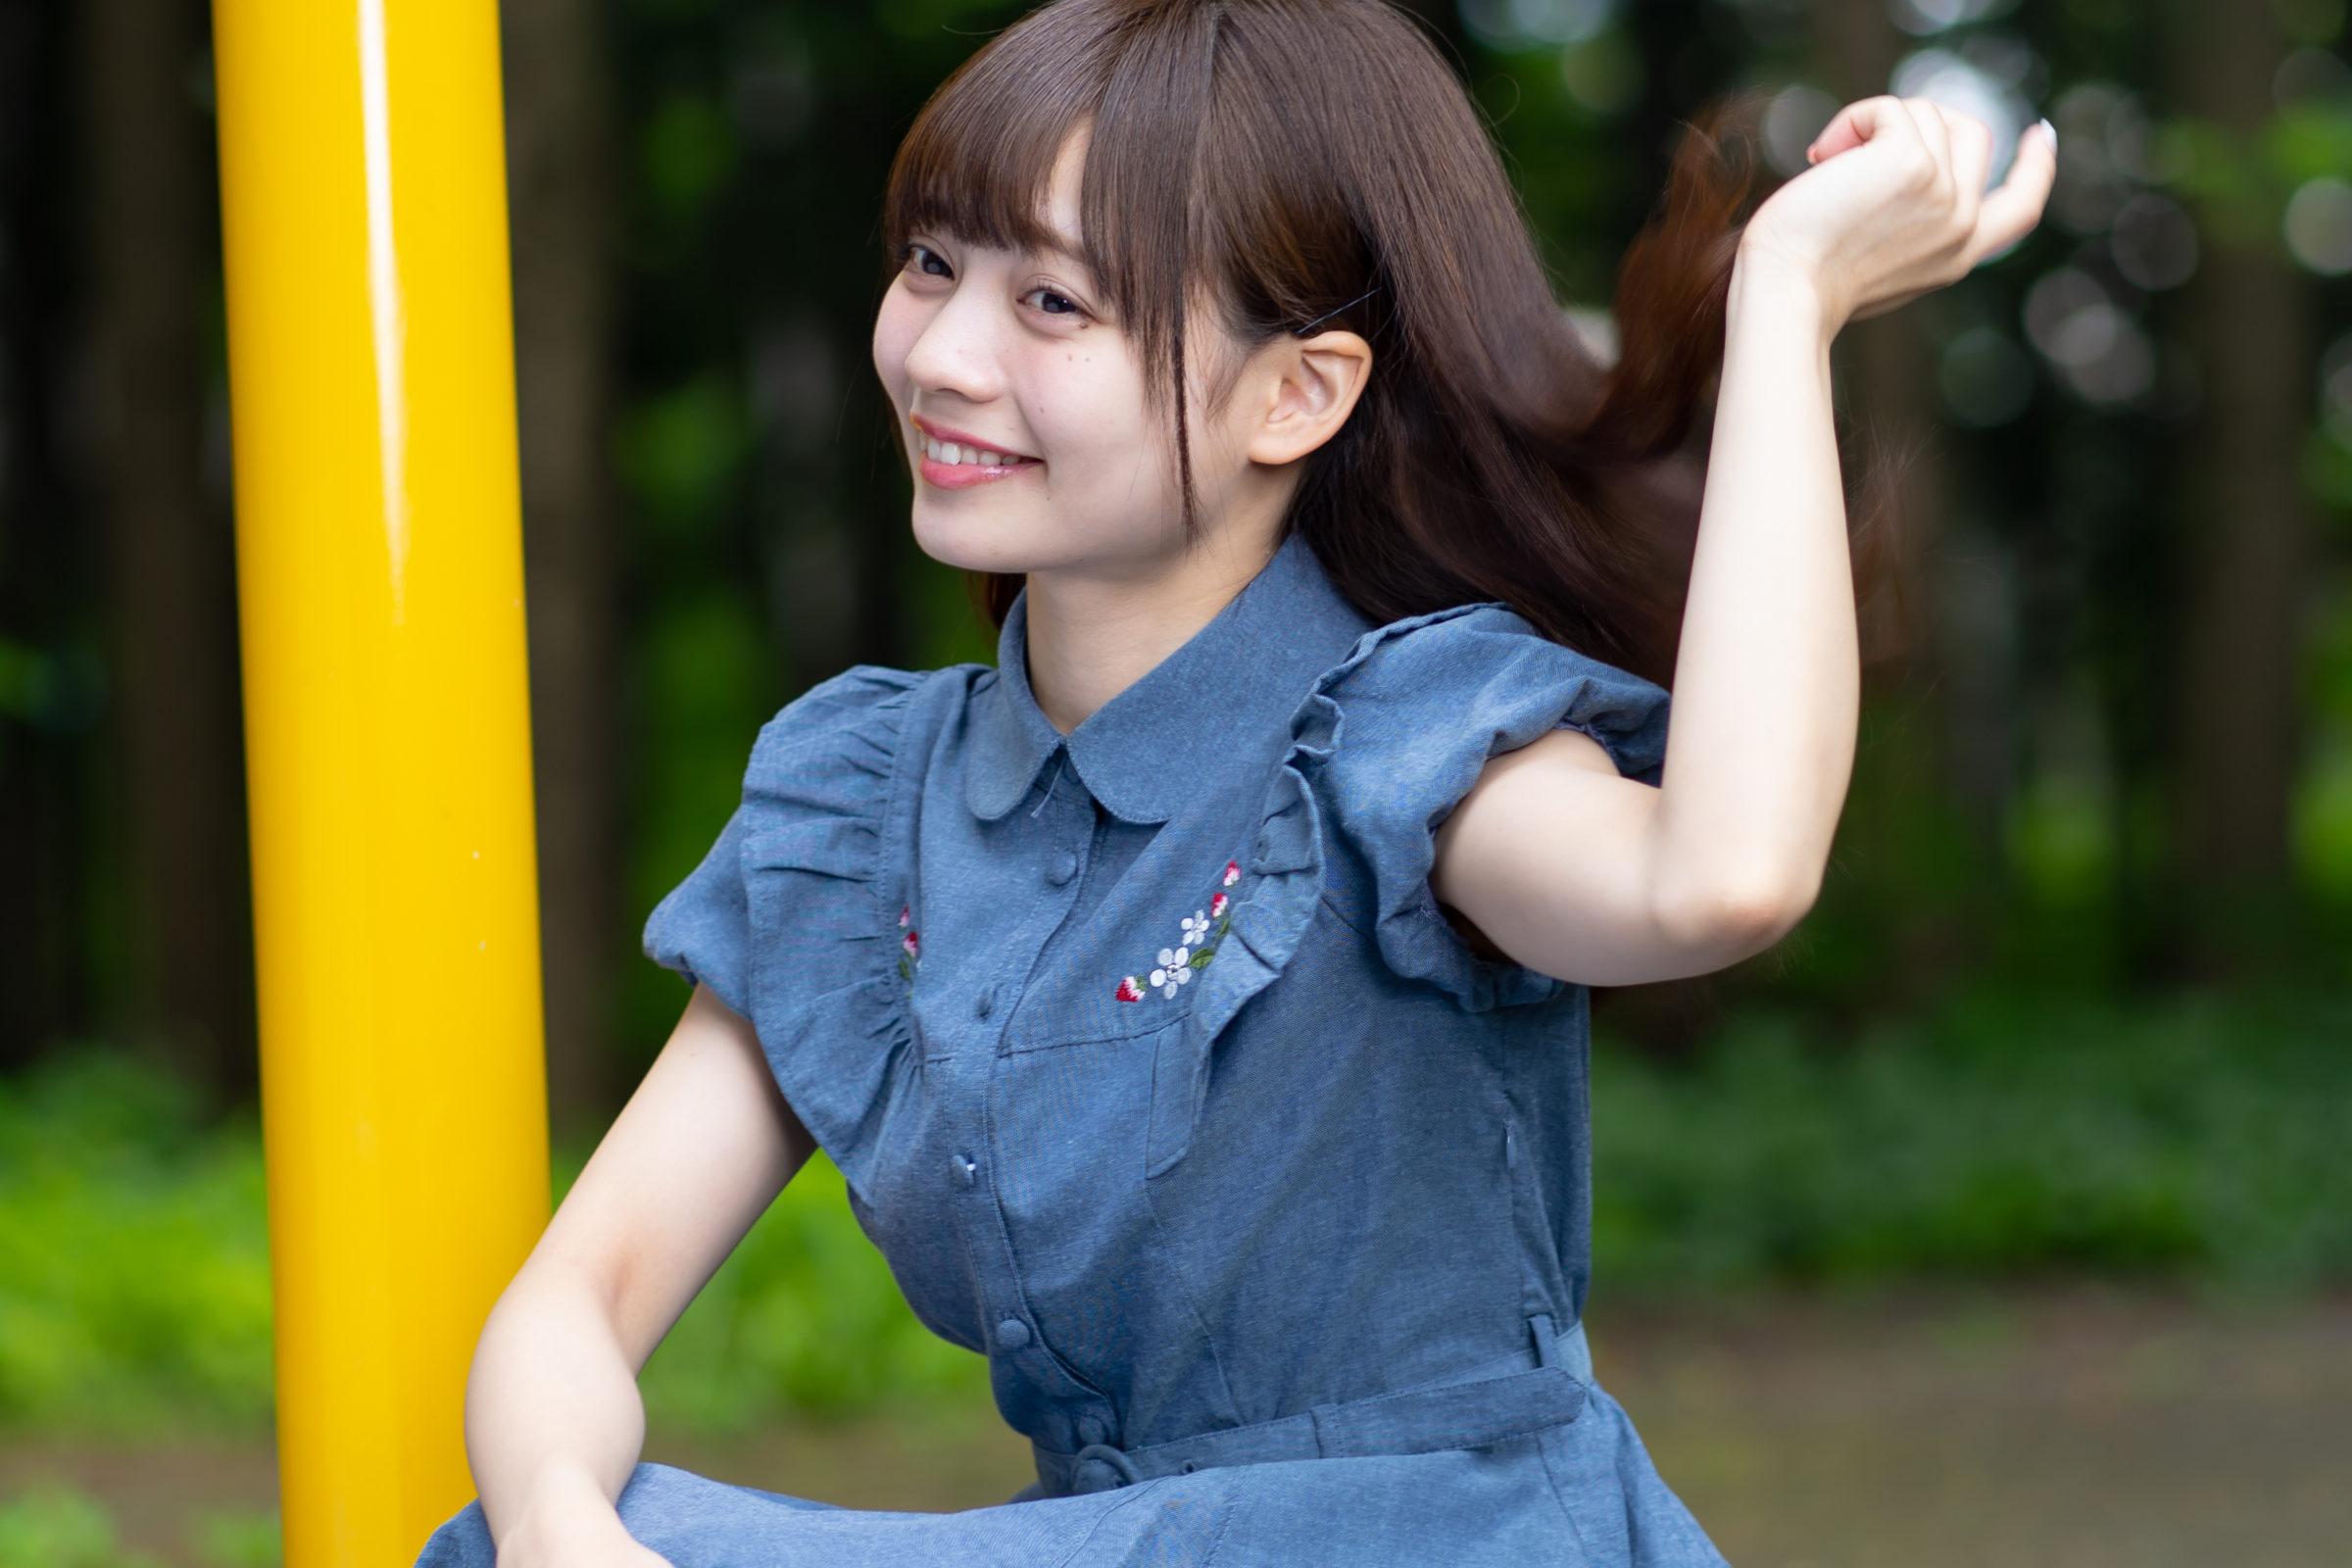 2代目HAPPY少女♪ ゆいな ( 宮崎ゆいな ) | モデルプロ撮影会